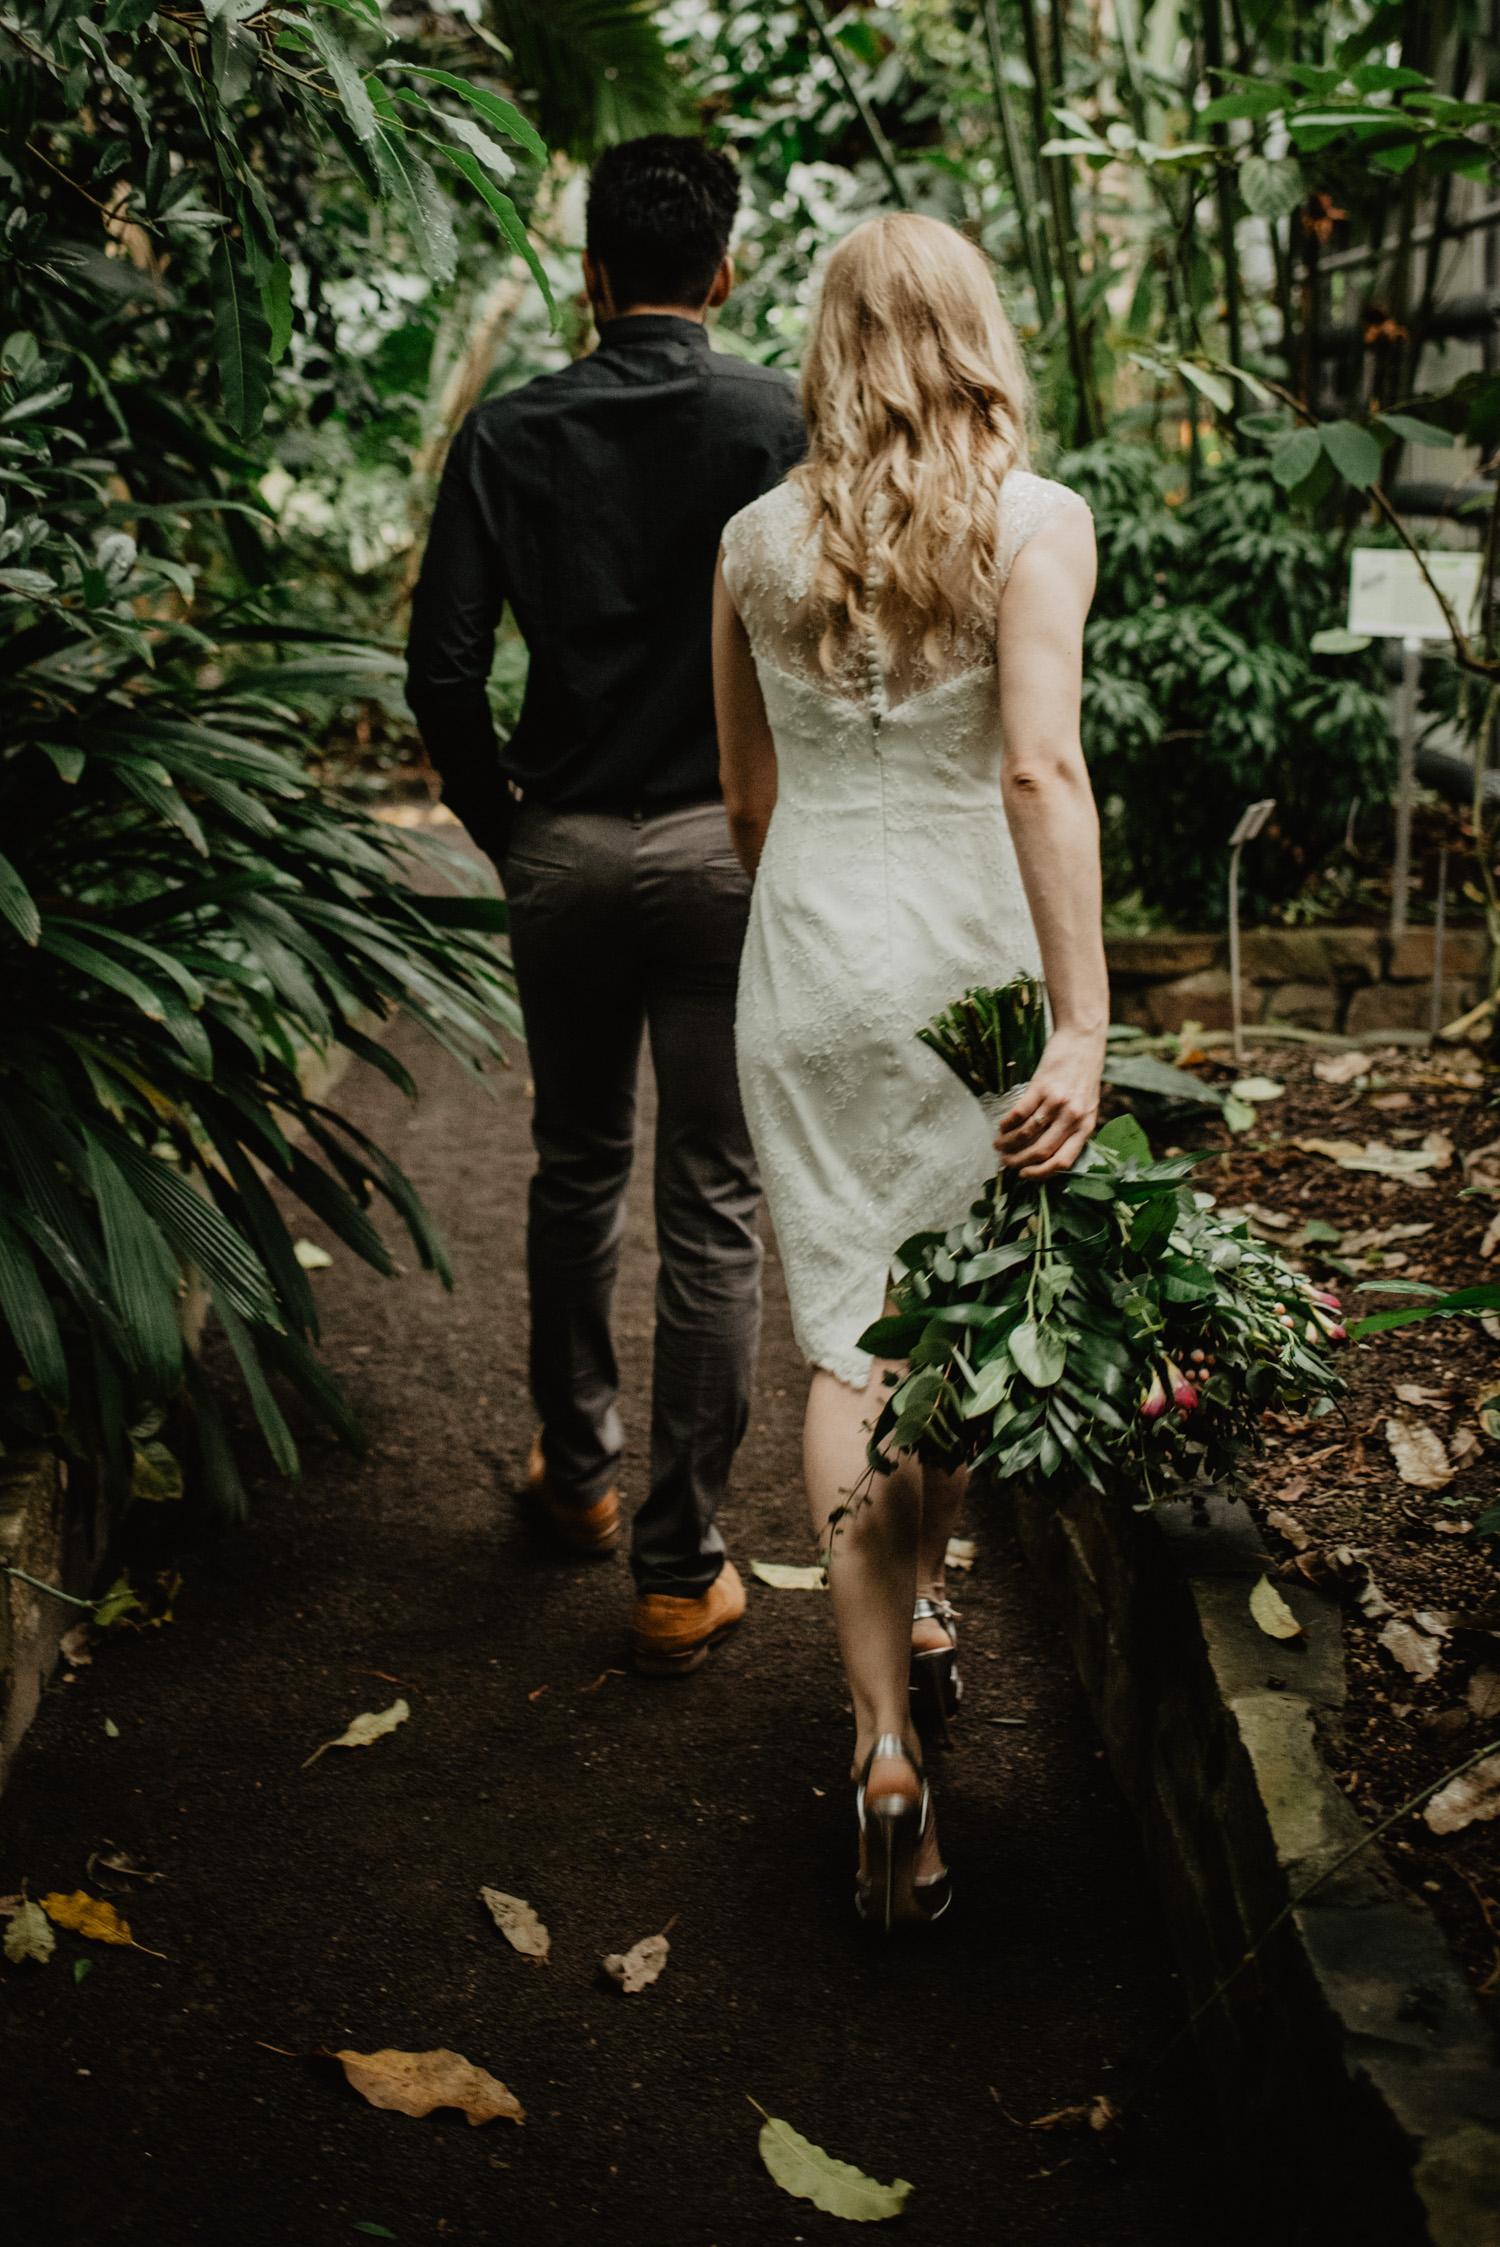 Ein Bräutigam führt seine Braut durch ein tropisches Gewächshaus in Bonn.